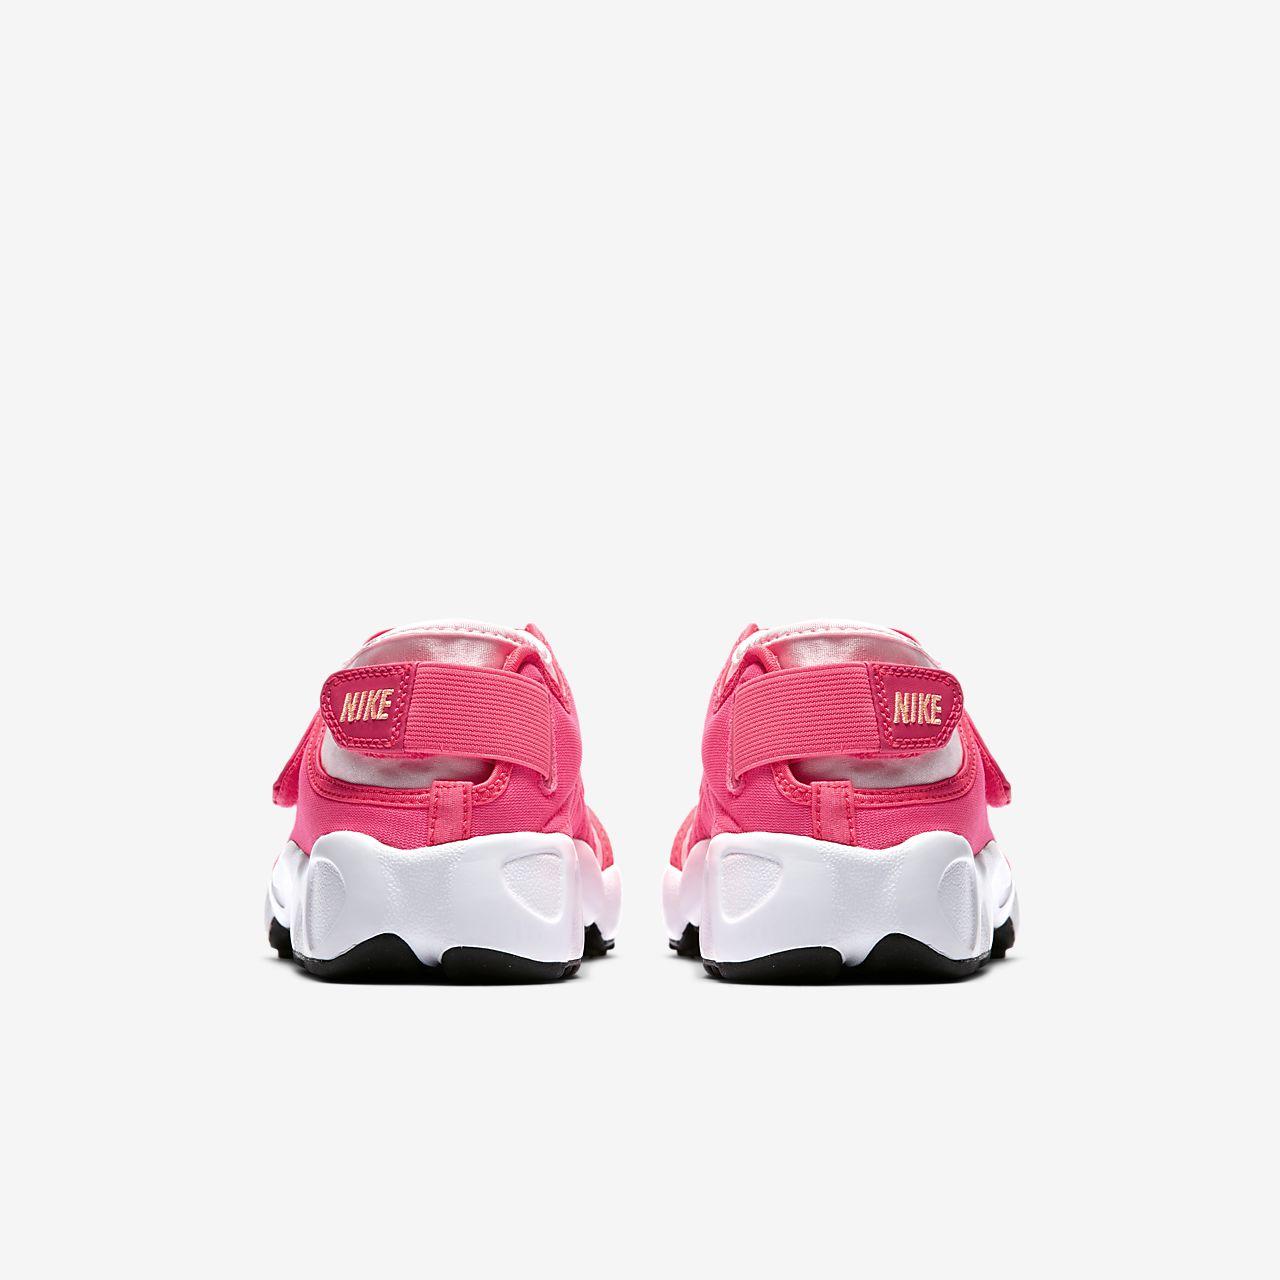 info for eab99 da0a6 ... Nike Rift Younger Older Kids  Shoe